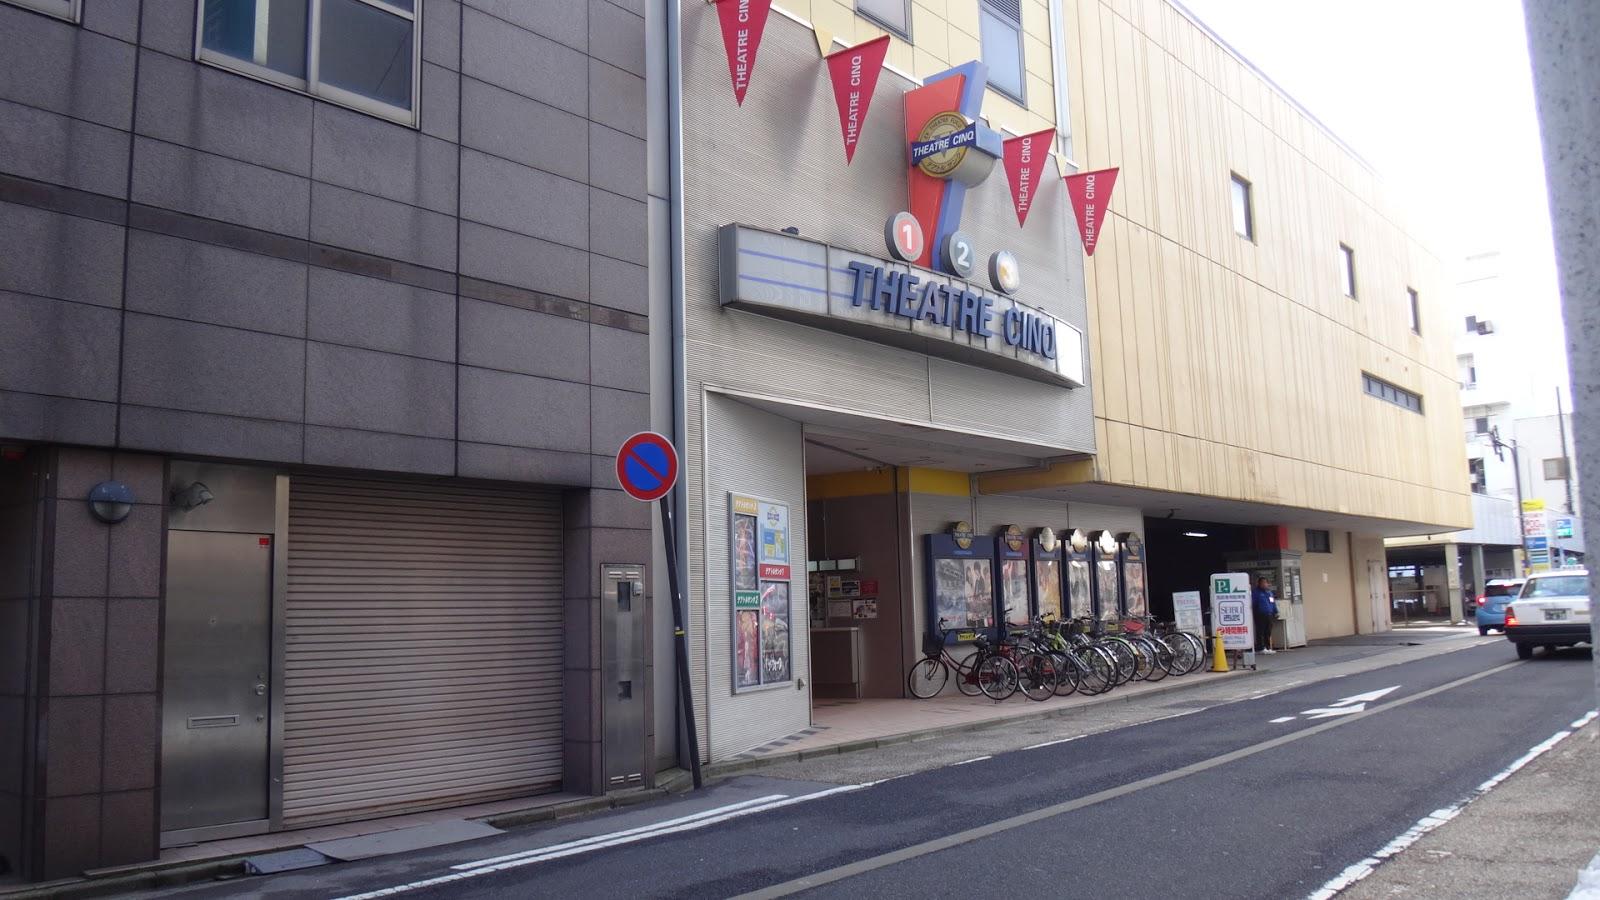 【ふくい】 福井 【Fukui】 39 [無断転載禁止]©2ch.netYouTube動画>14本 ->画像>167枚